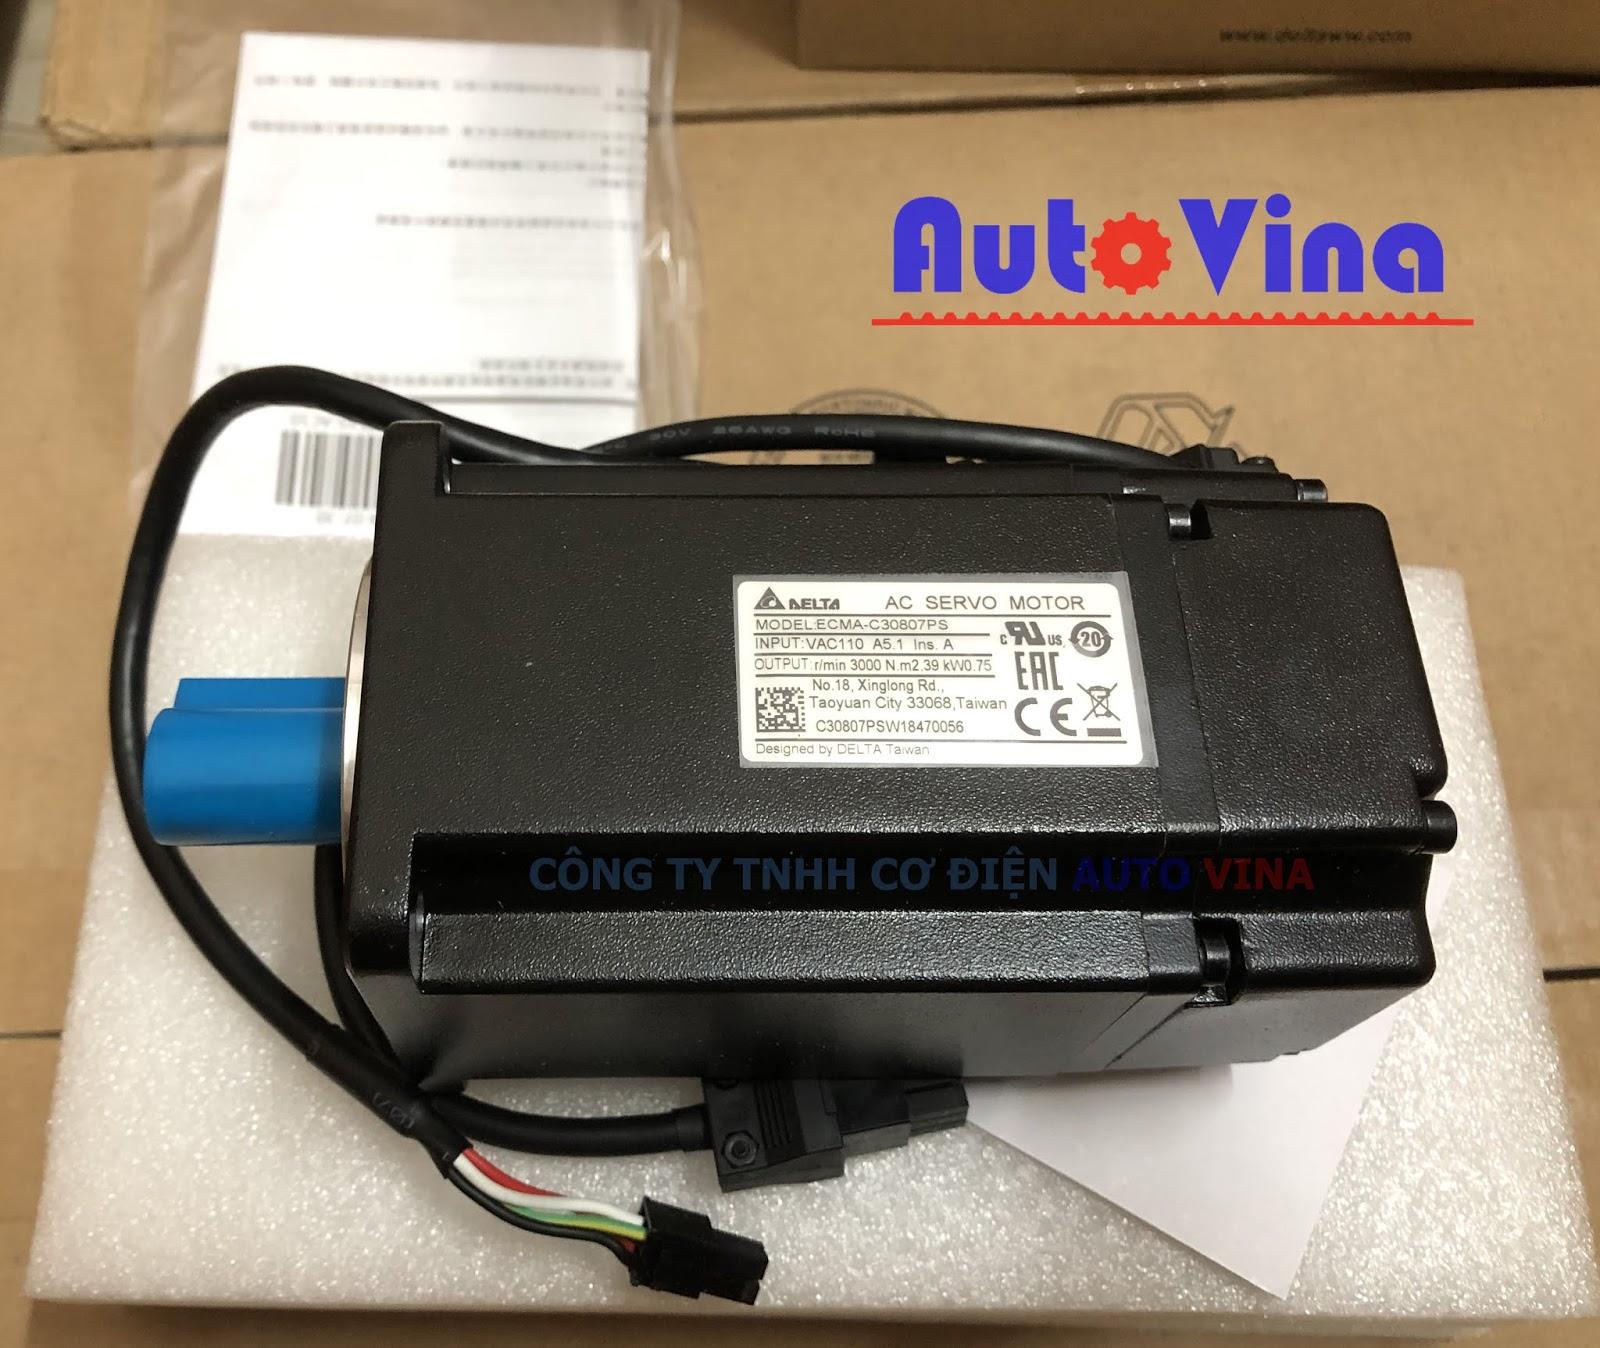 Đại lý bán động cơ AC Servo Motor ECMA-C30807PS hãng Delta tại Việt Nam